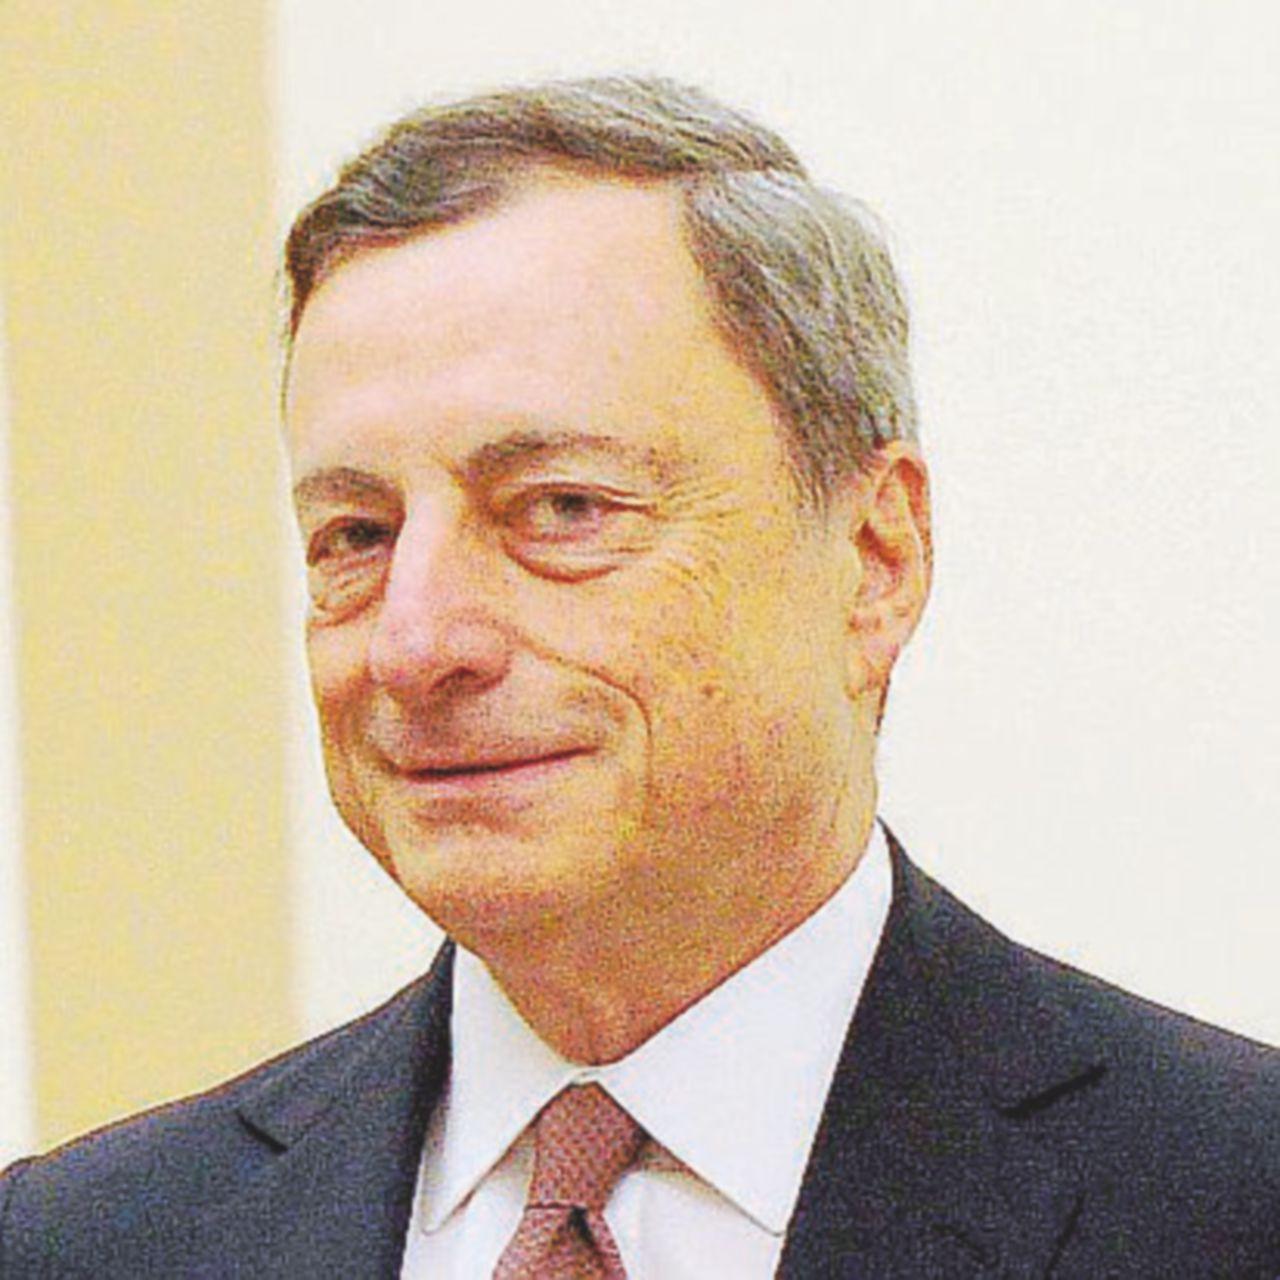 L'ultimo bonus di Draghi ai politici